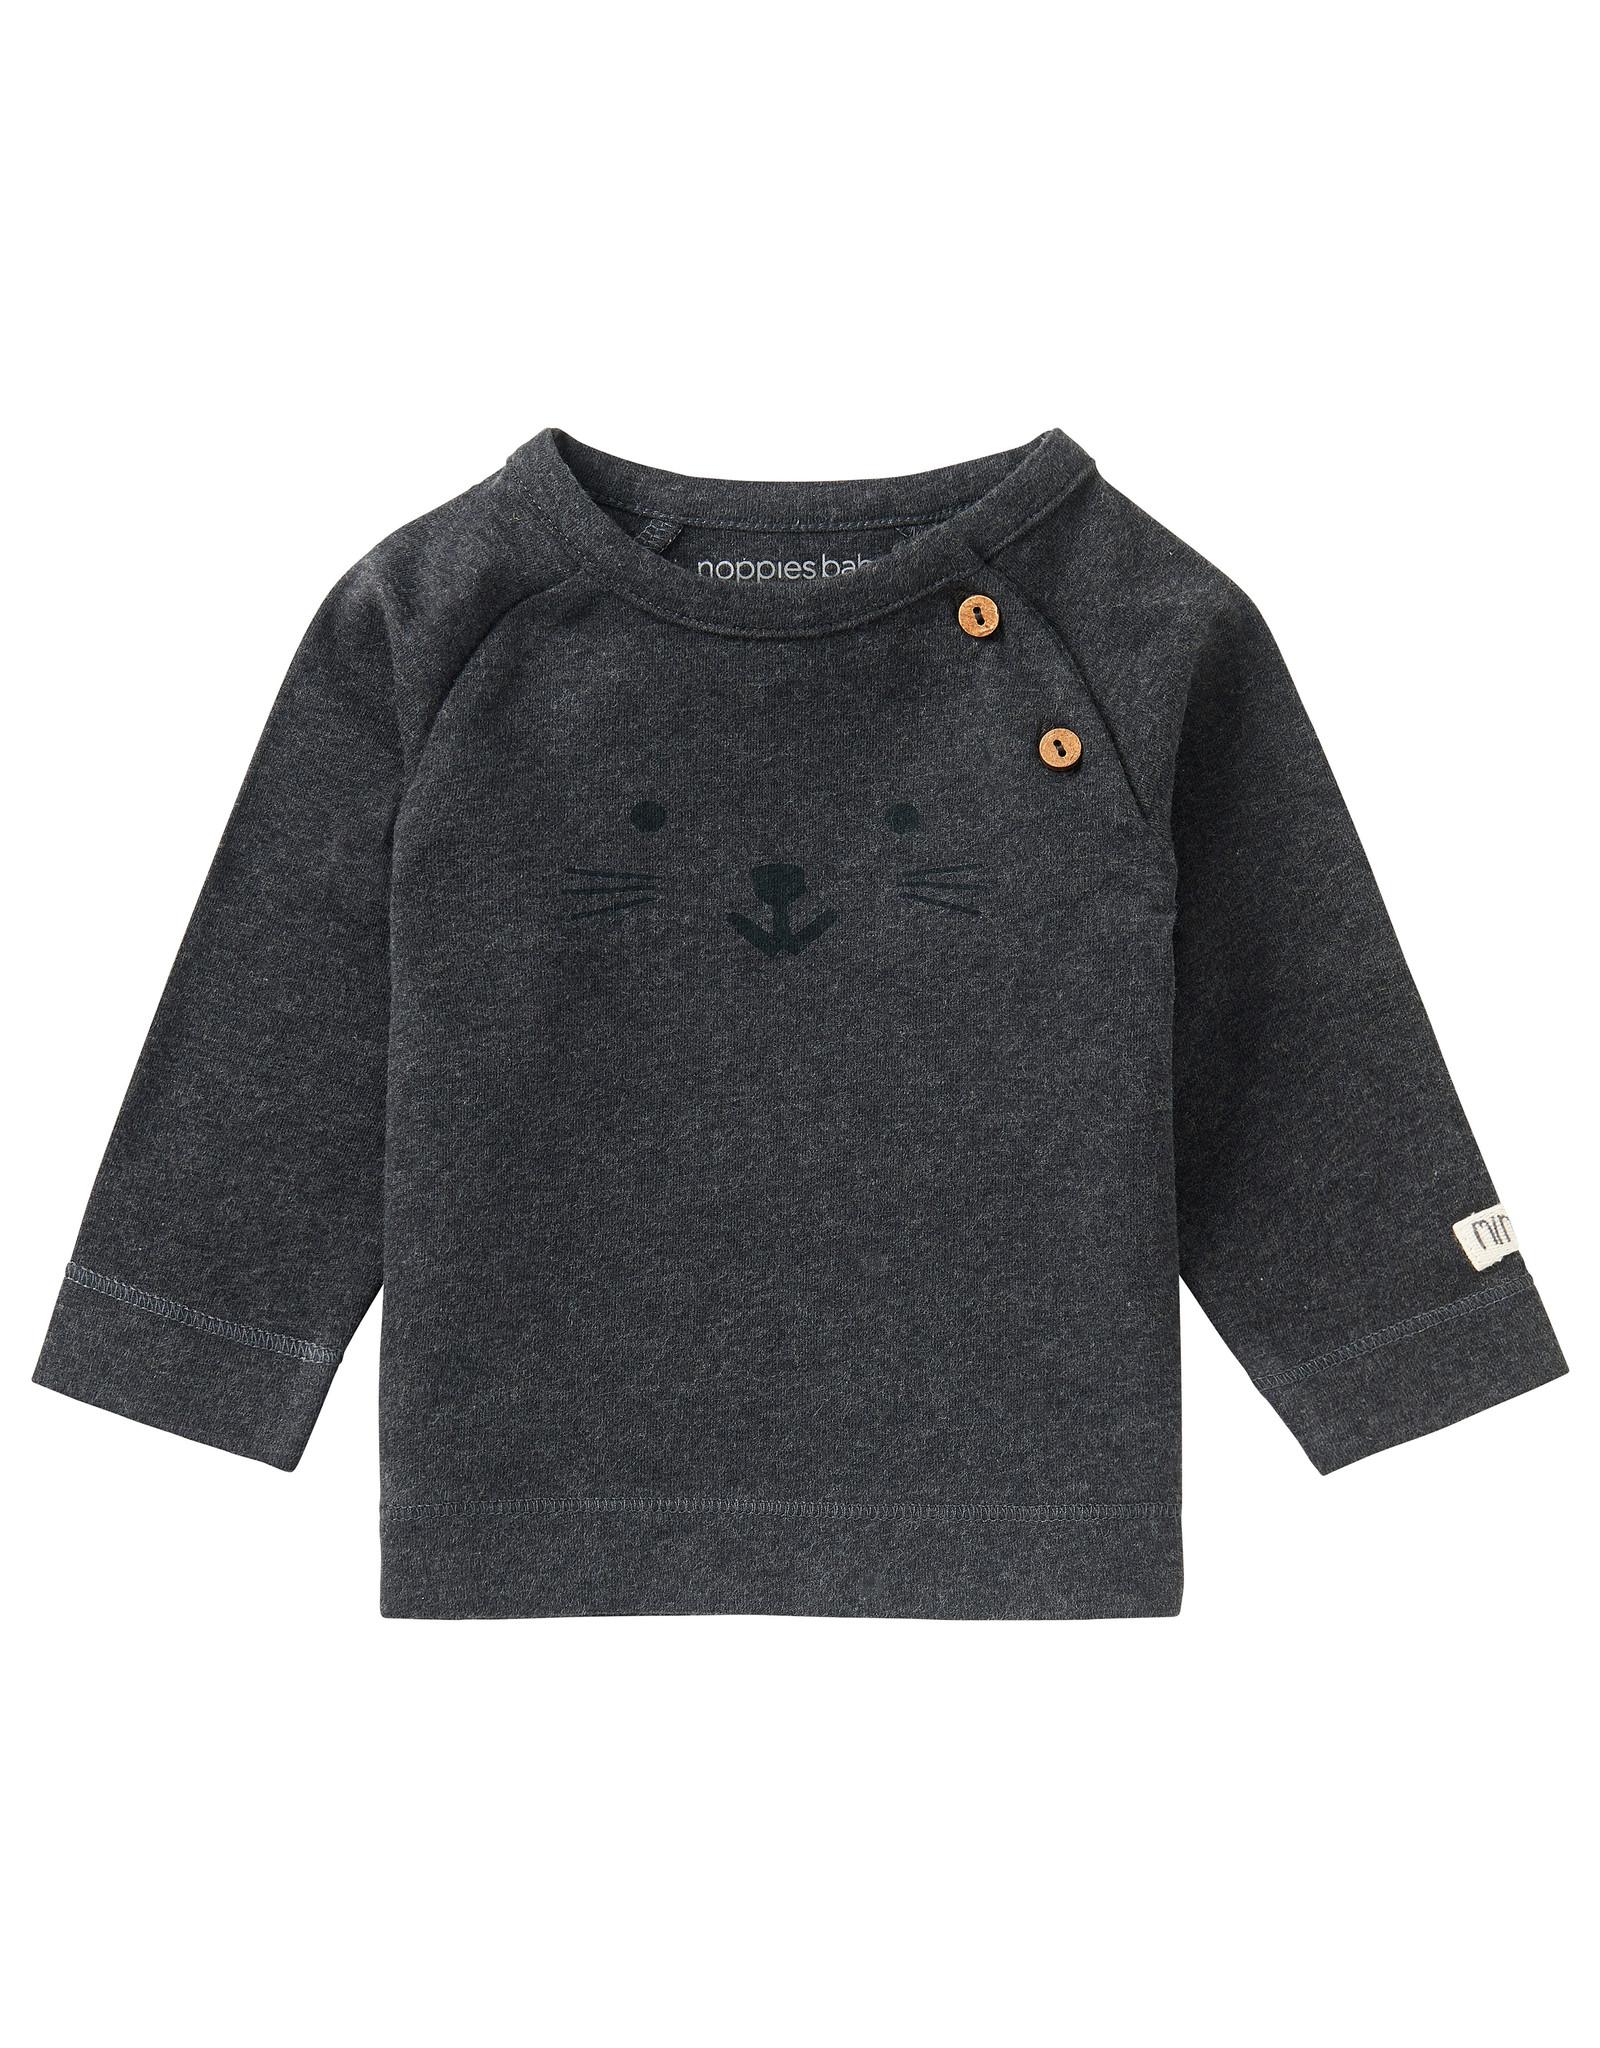 Noppies U T-Shirt LS Arlington, Charcoal Melange